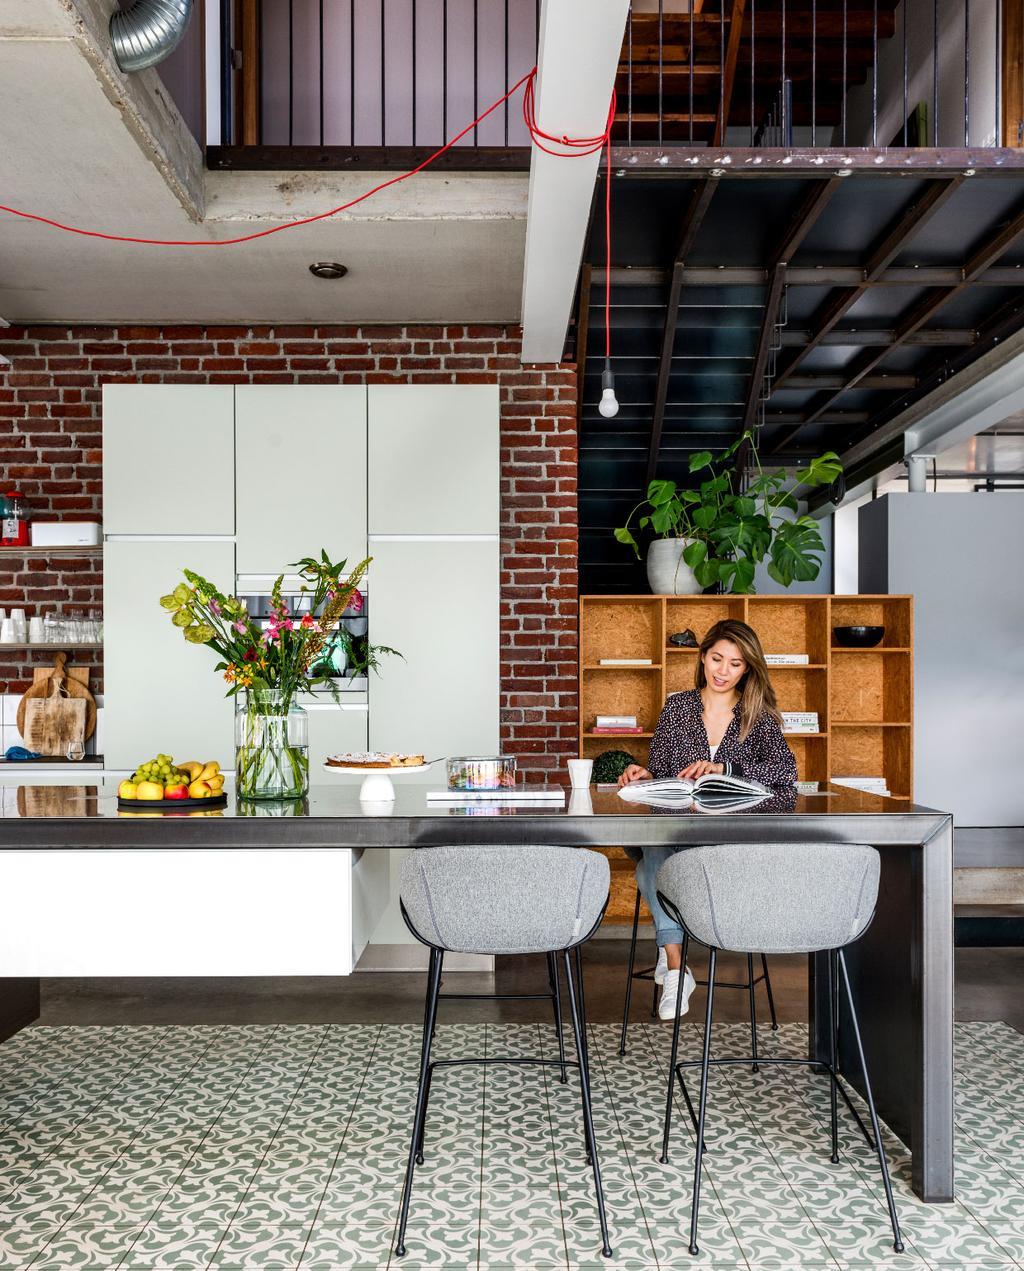 vtwonen 07-2020 | binnenkijken in Weert industriele keuken met rvs kookeiland en bakstenen muur